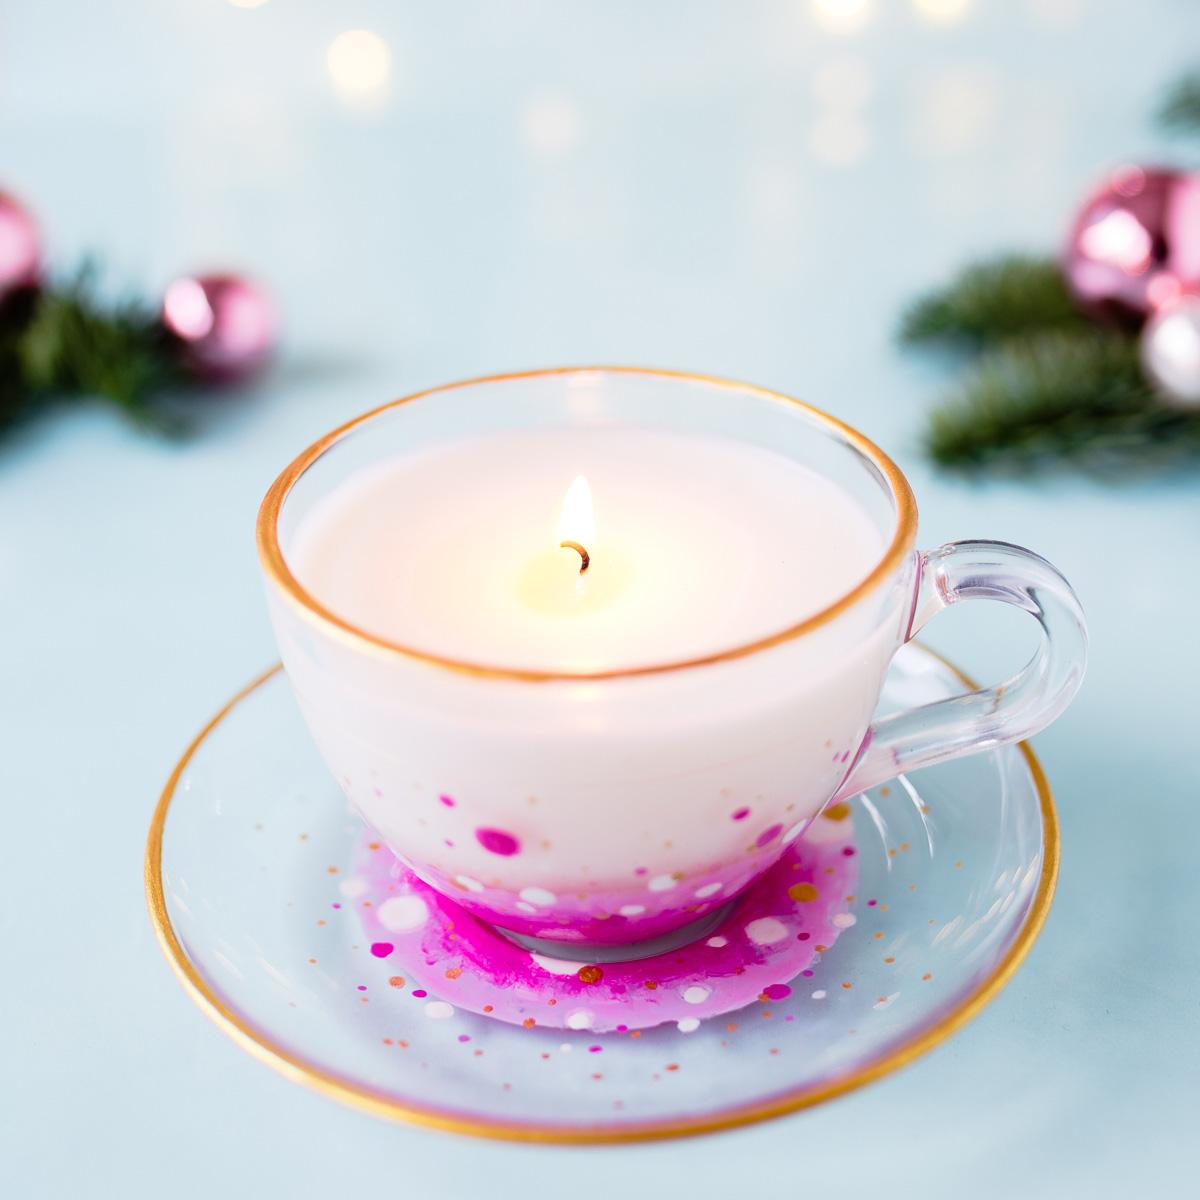 Kathy Loves - Last Minute Geschenk - DIY Teetasse mit Glasfarbe Weihnachten - 03 - missredfox - 12giftswithlovegoesXMAS - 15